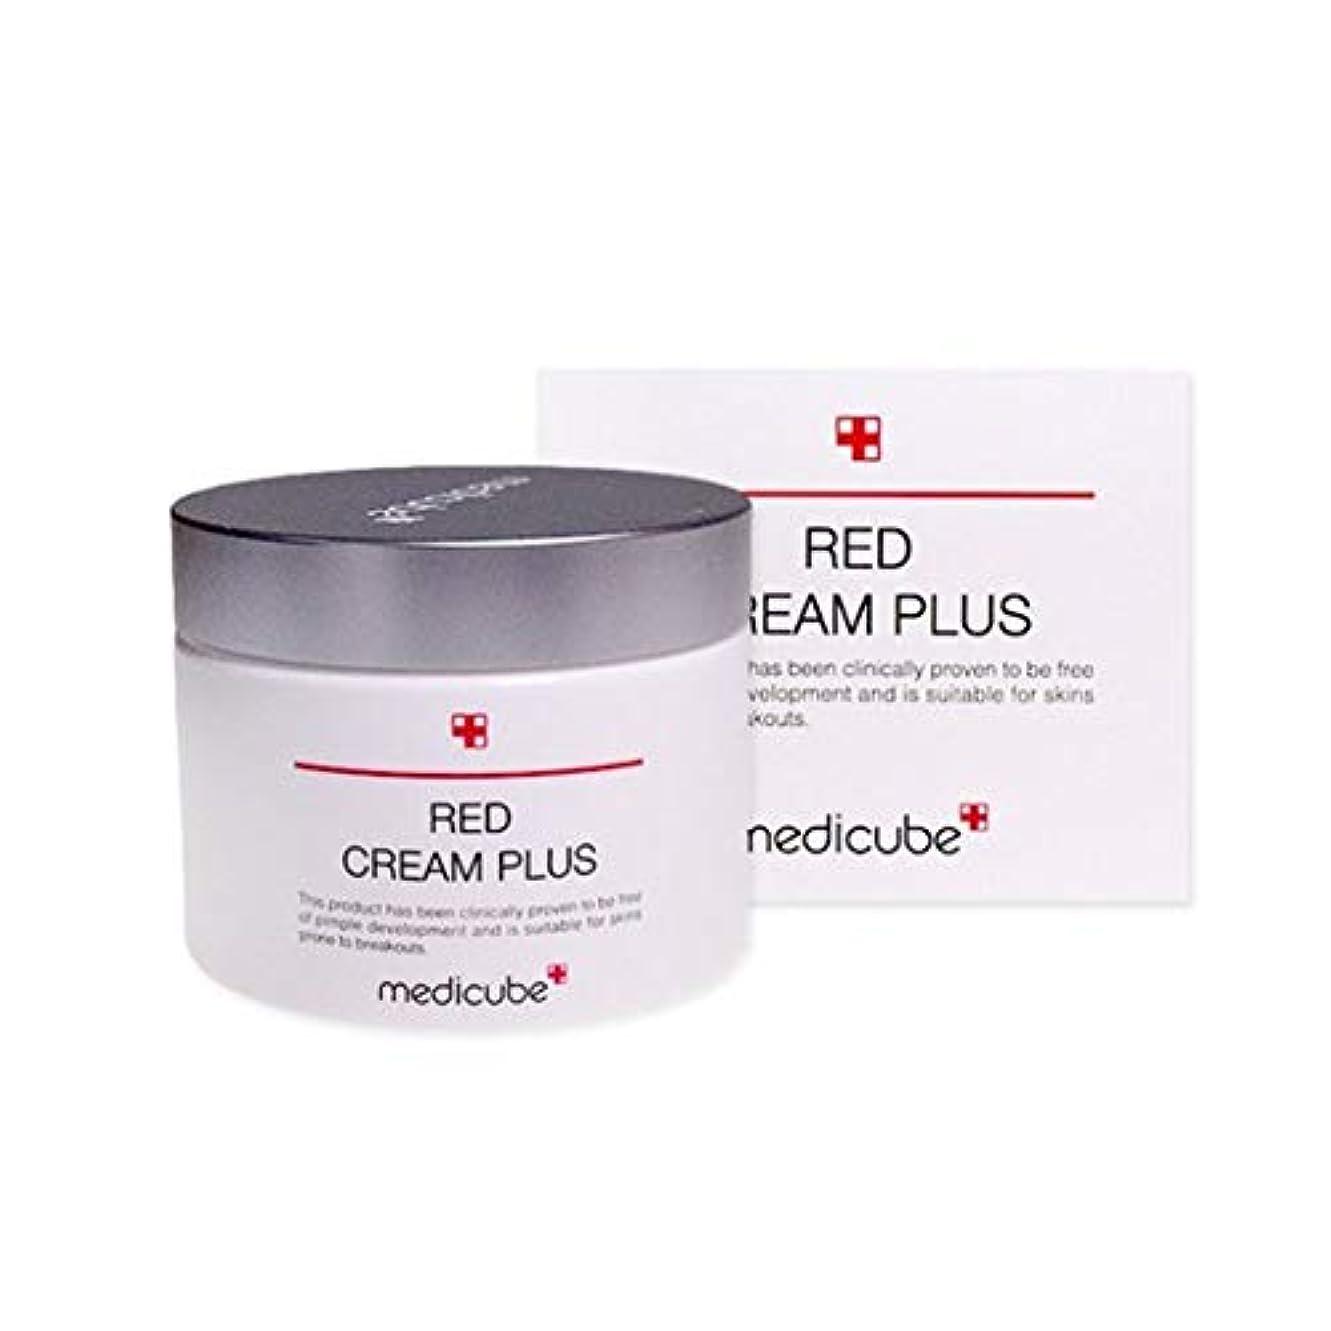 ブランド名勢いエンターテインメントメディキューブレッドクリームプラス100ml韓国コスメ、Medicube Red Cream Plus 100ml Korean Cosmetics [並行輸入品]